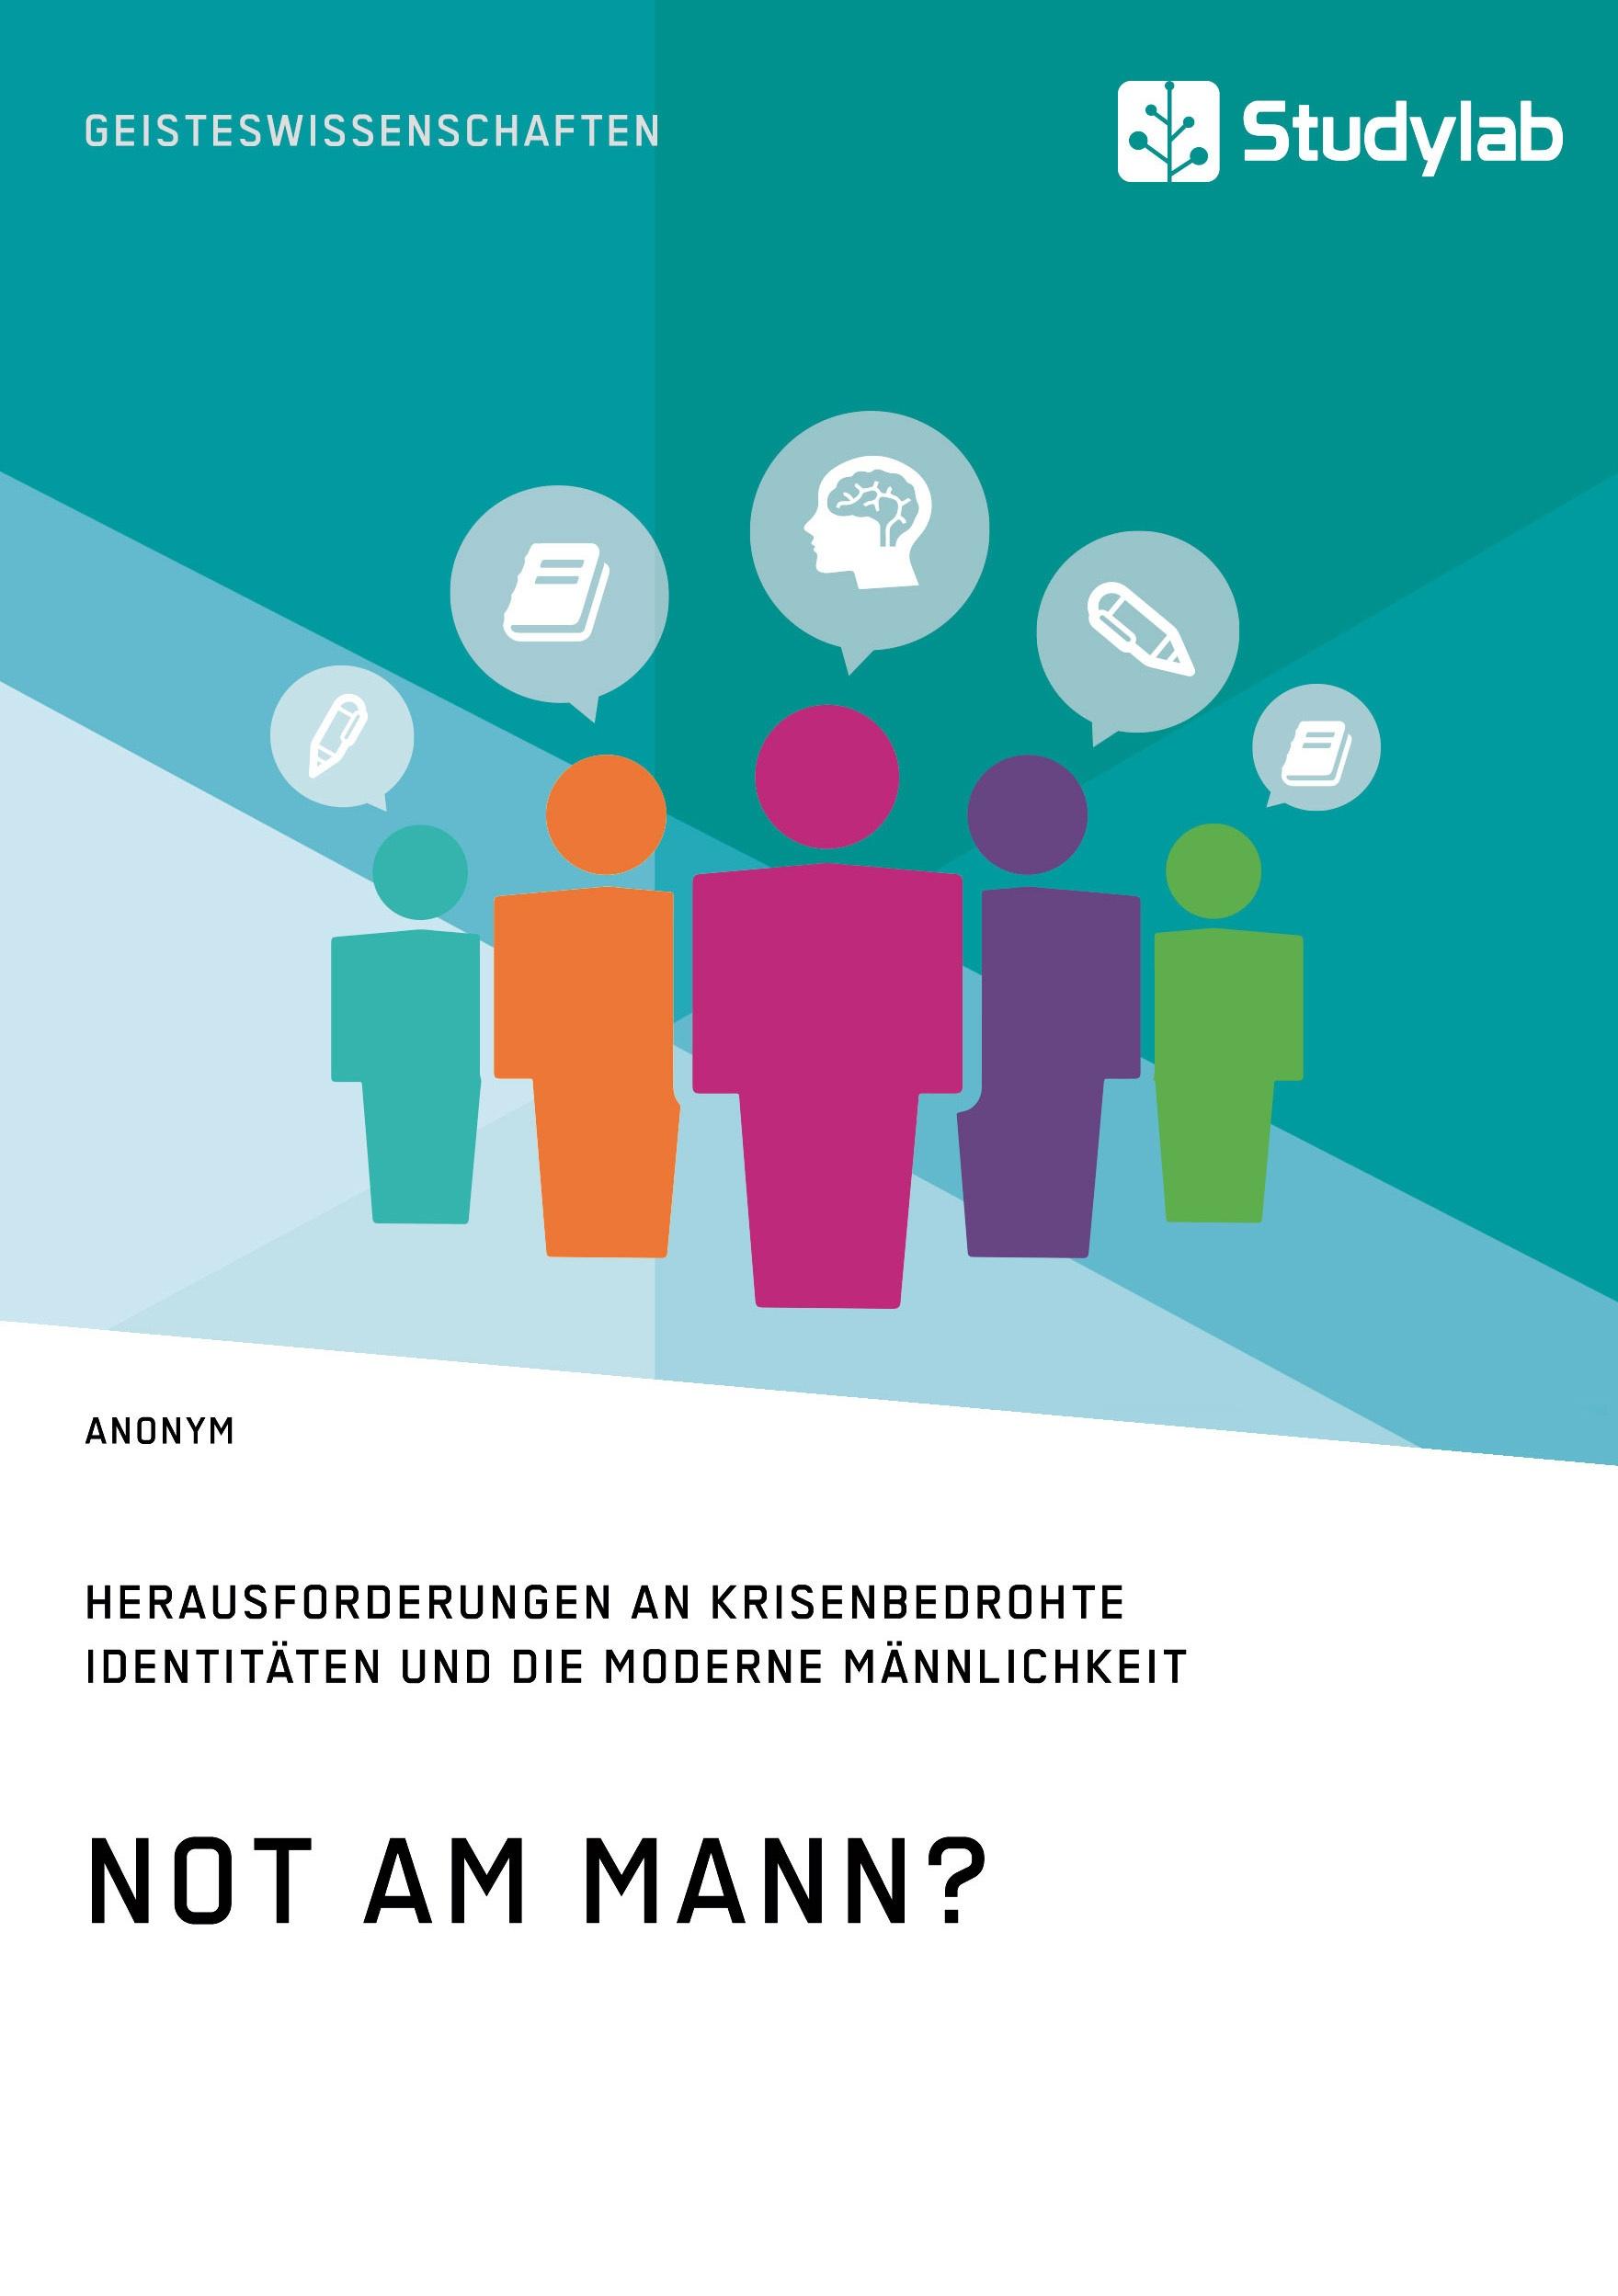 Titel: Not am Mann? Herausforderungen an krisenbedrohte Identitäten und die moderne Männlichkeit